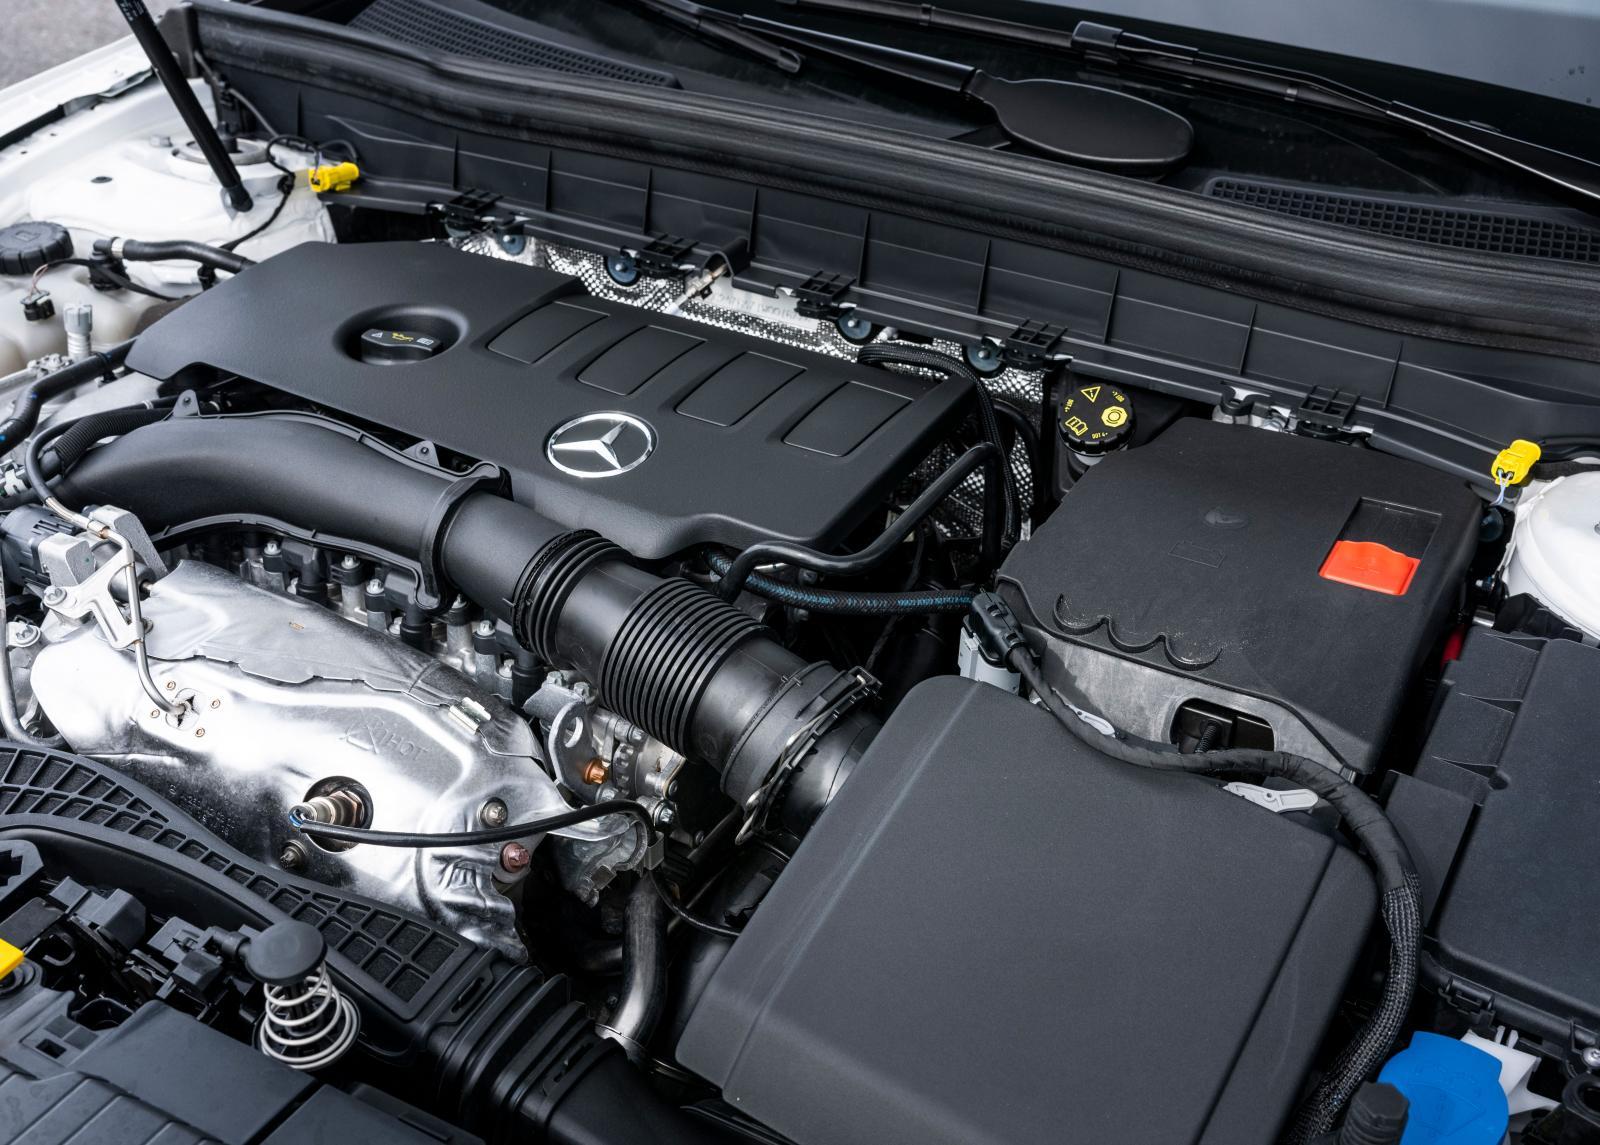 Påtagligt rapp motorkaraktär, GLB är snudd på GTI-SUV med denna bestyckning. Ett bättre samarbete med den åttaväxlade dubbelkopplingslådan önskas.